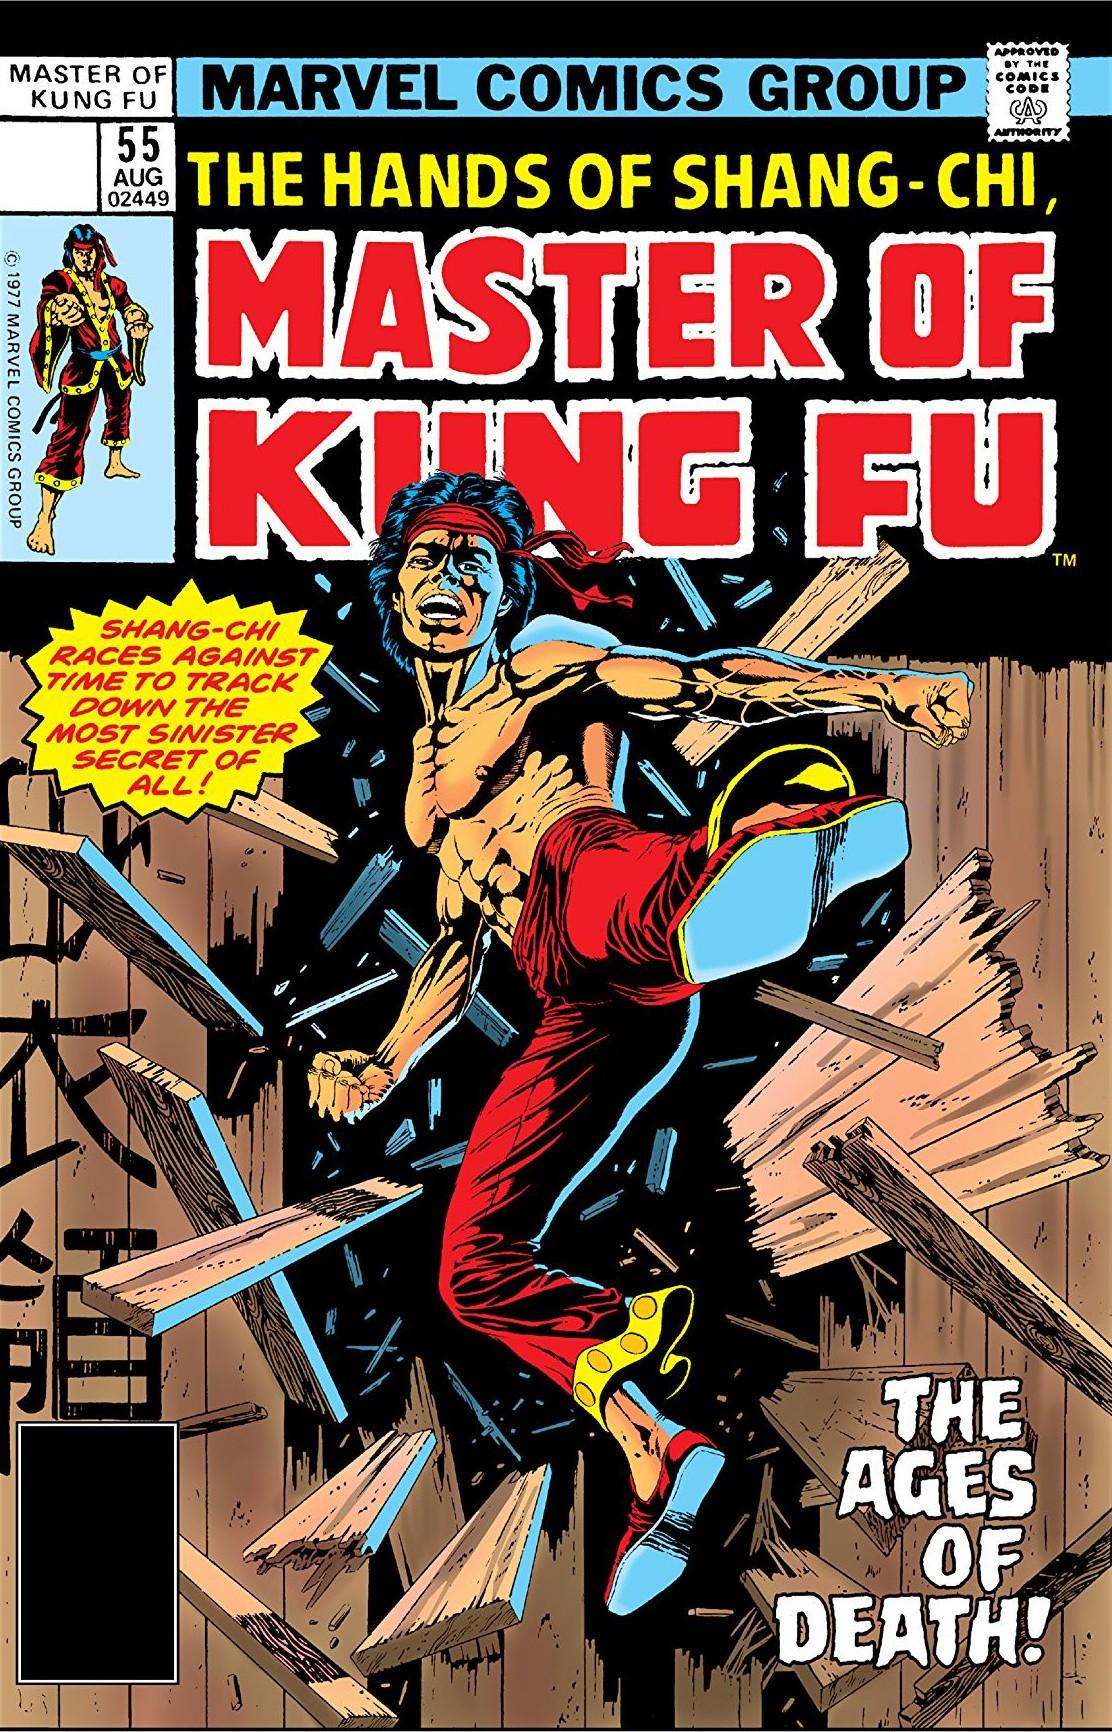 Kung Fu Filme 2013